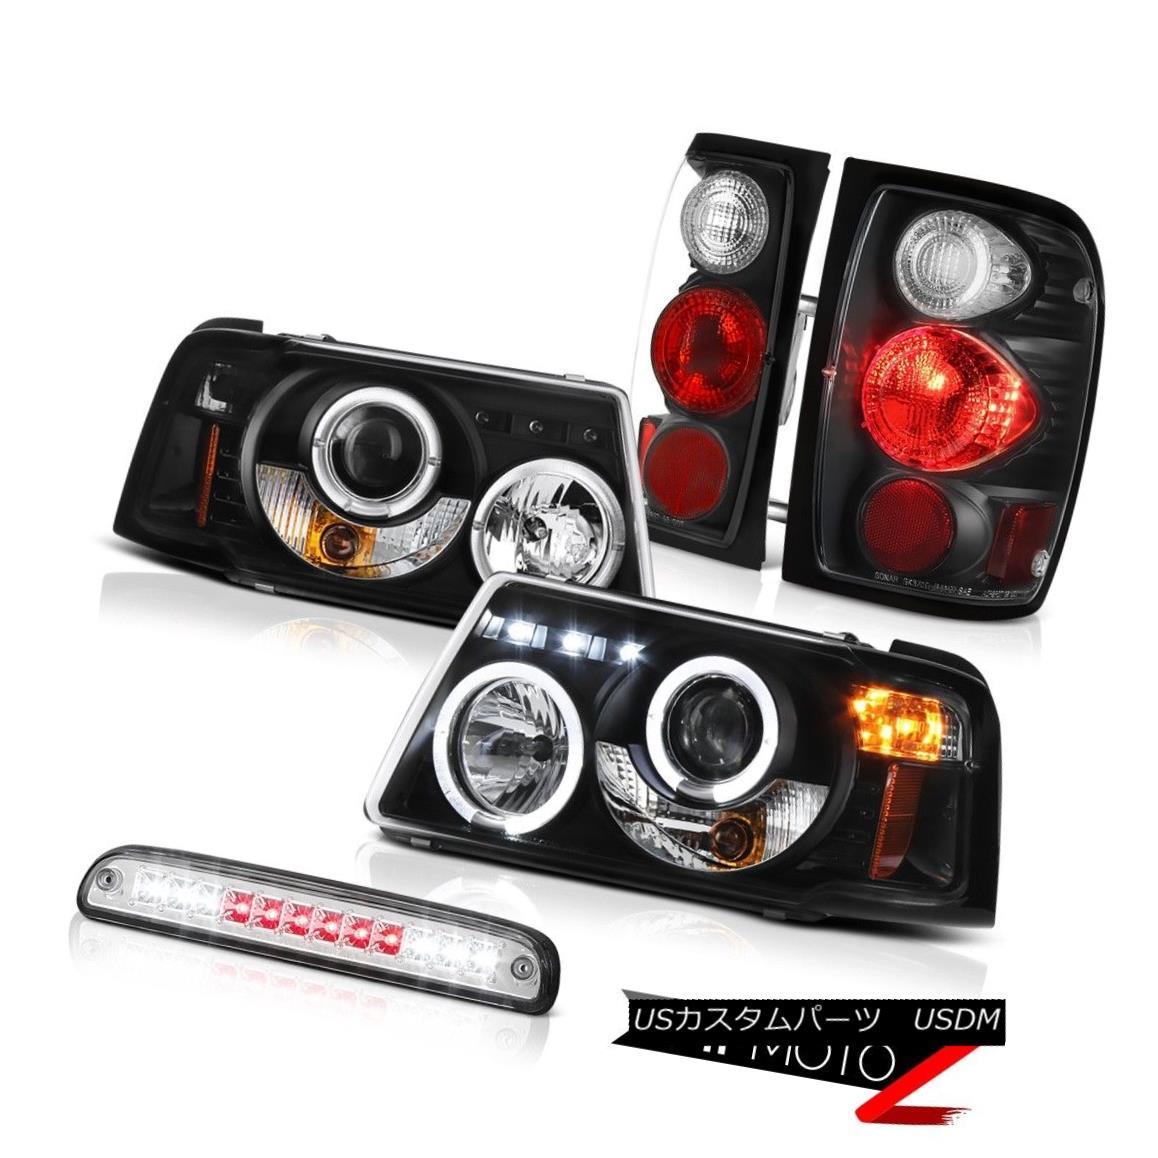 テールライト Dual Angle Eye Headlights Tail Lights Brake Chrome Third LED 01-11 Ranger 2.3L デュアルエンジェルアイヘッドライトテールライトブレーキクローム第3 LED 01-11レンジャー2.3L